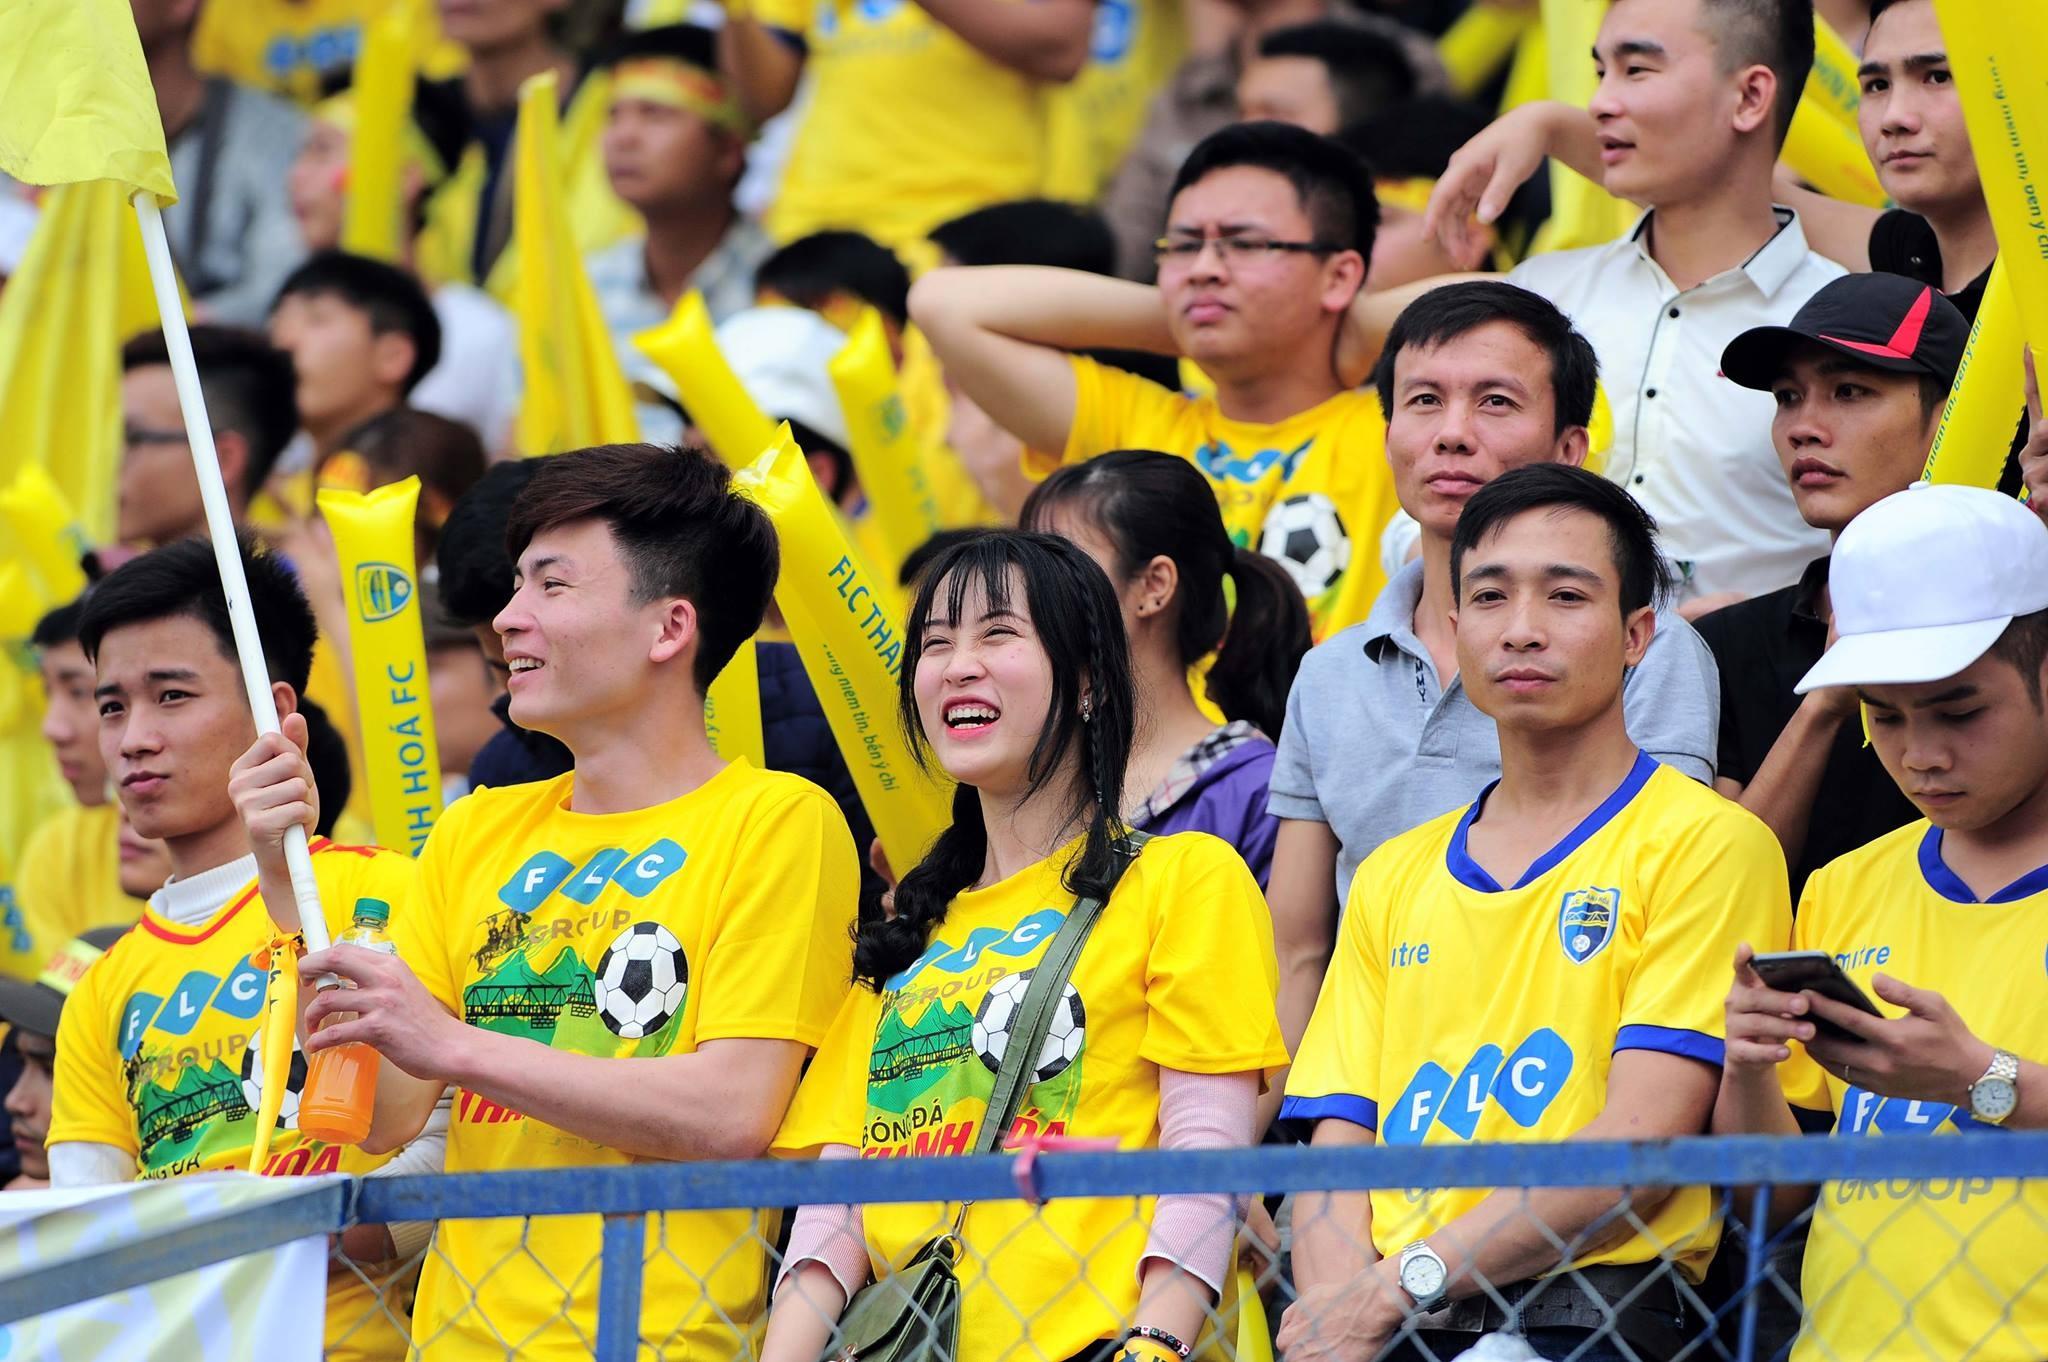 Tran CLB Ha Noi vs CLB Thanh Hoa anh 20